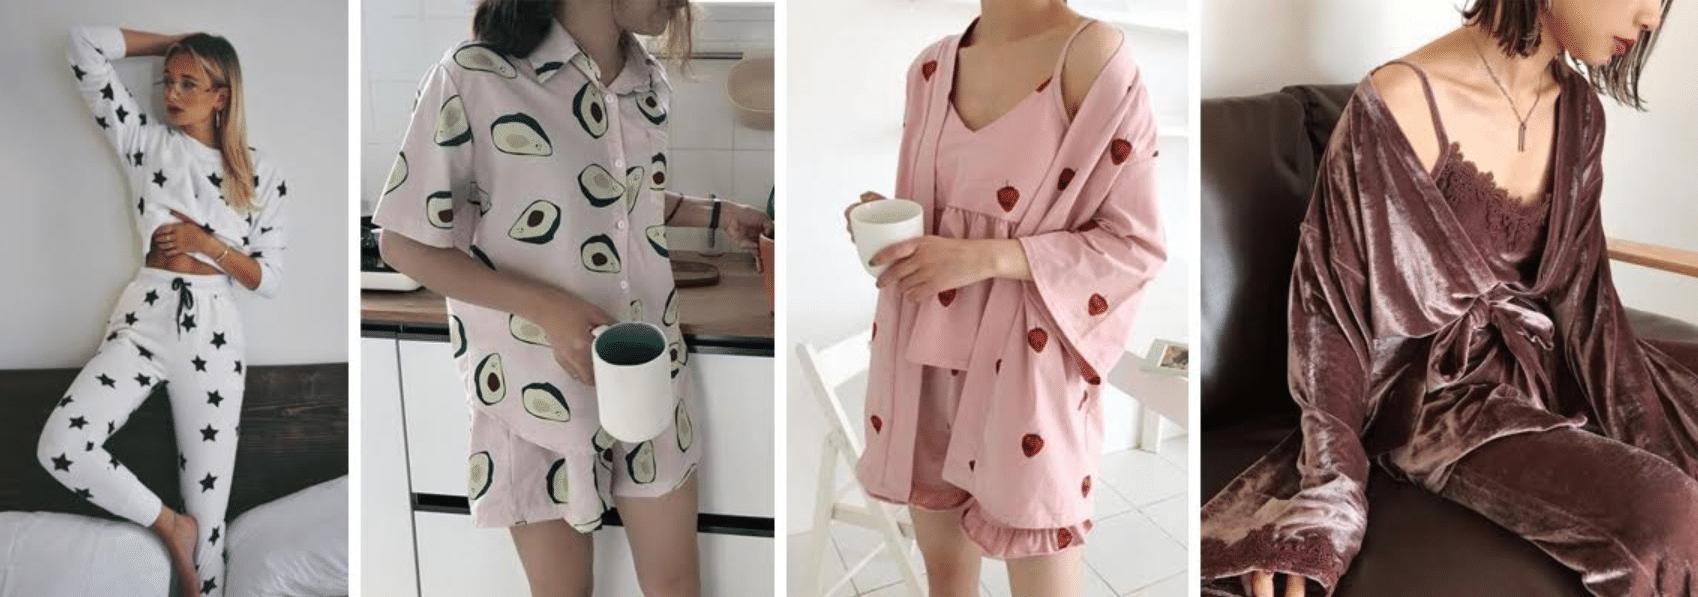 4 modelos usando pijamas ideias para ficar em casa